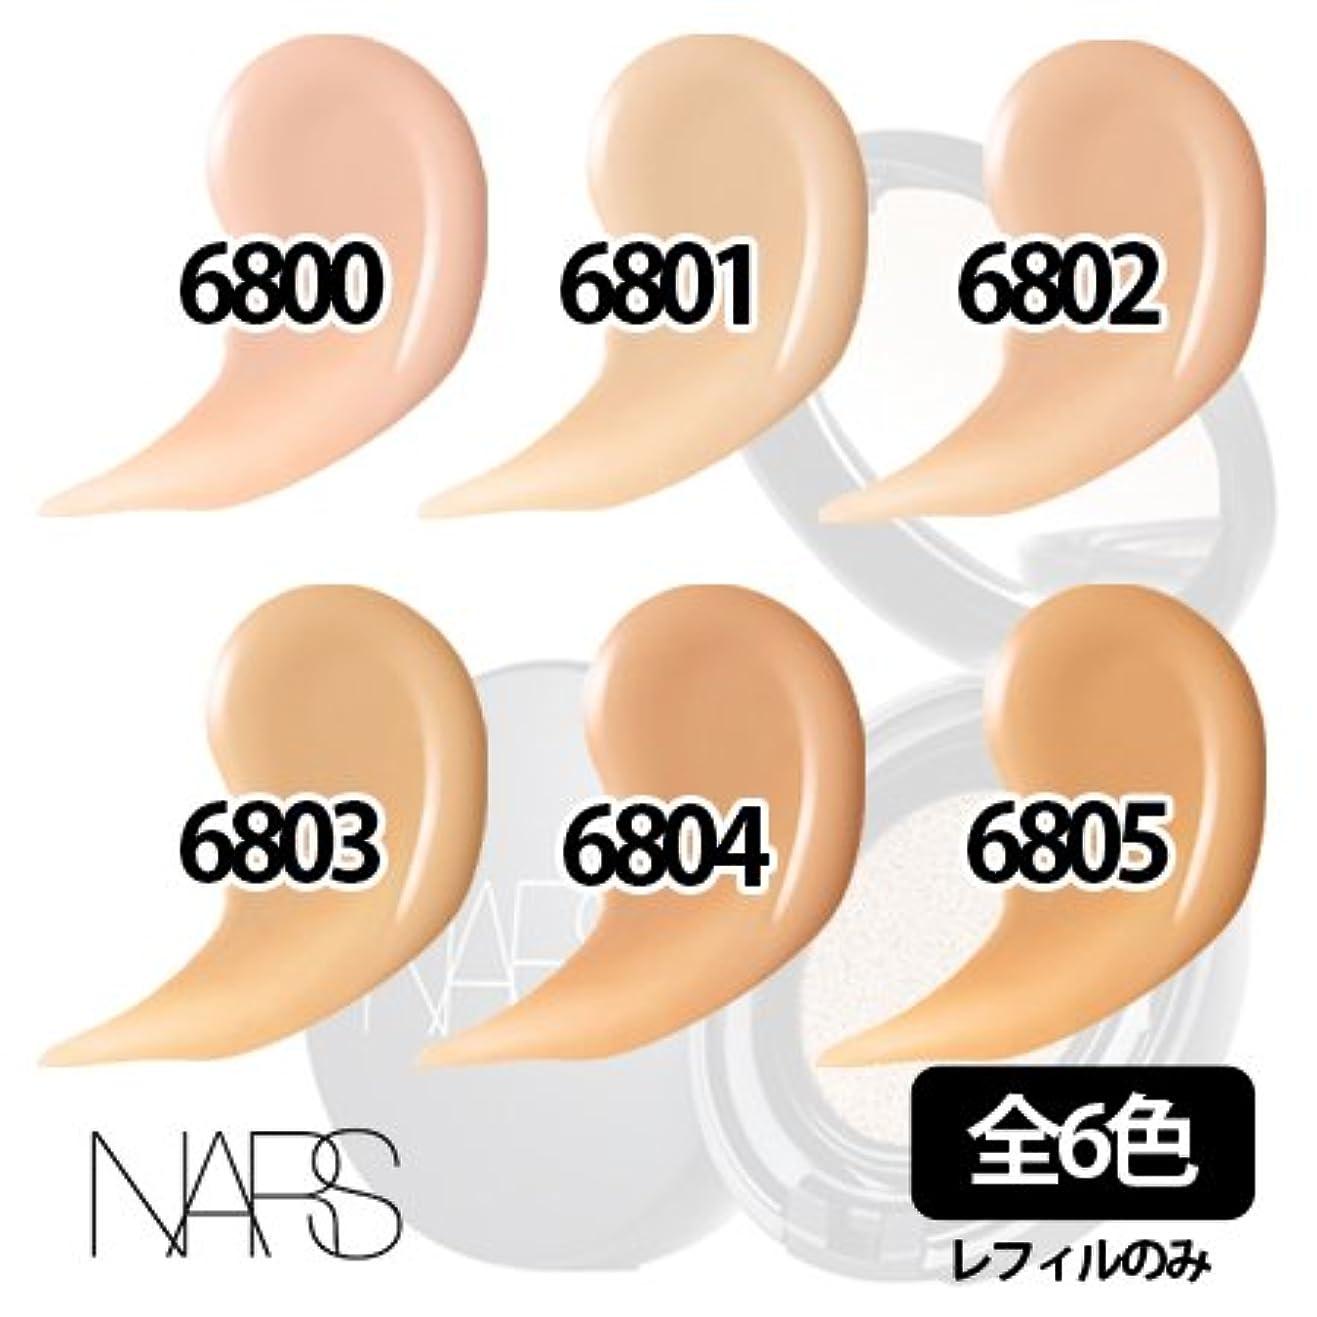 申し立て会話型救援ナーズ アクアティック グロー クッションコンパクト 全6色 [アジア限定] -NARS- (レフィルのみ ※スポンジ付き) 【並行輸入品】 6802